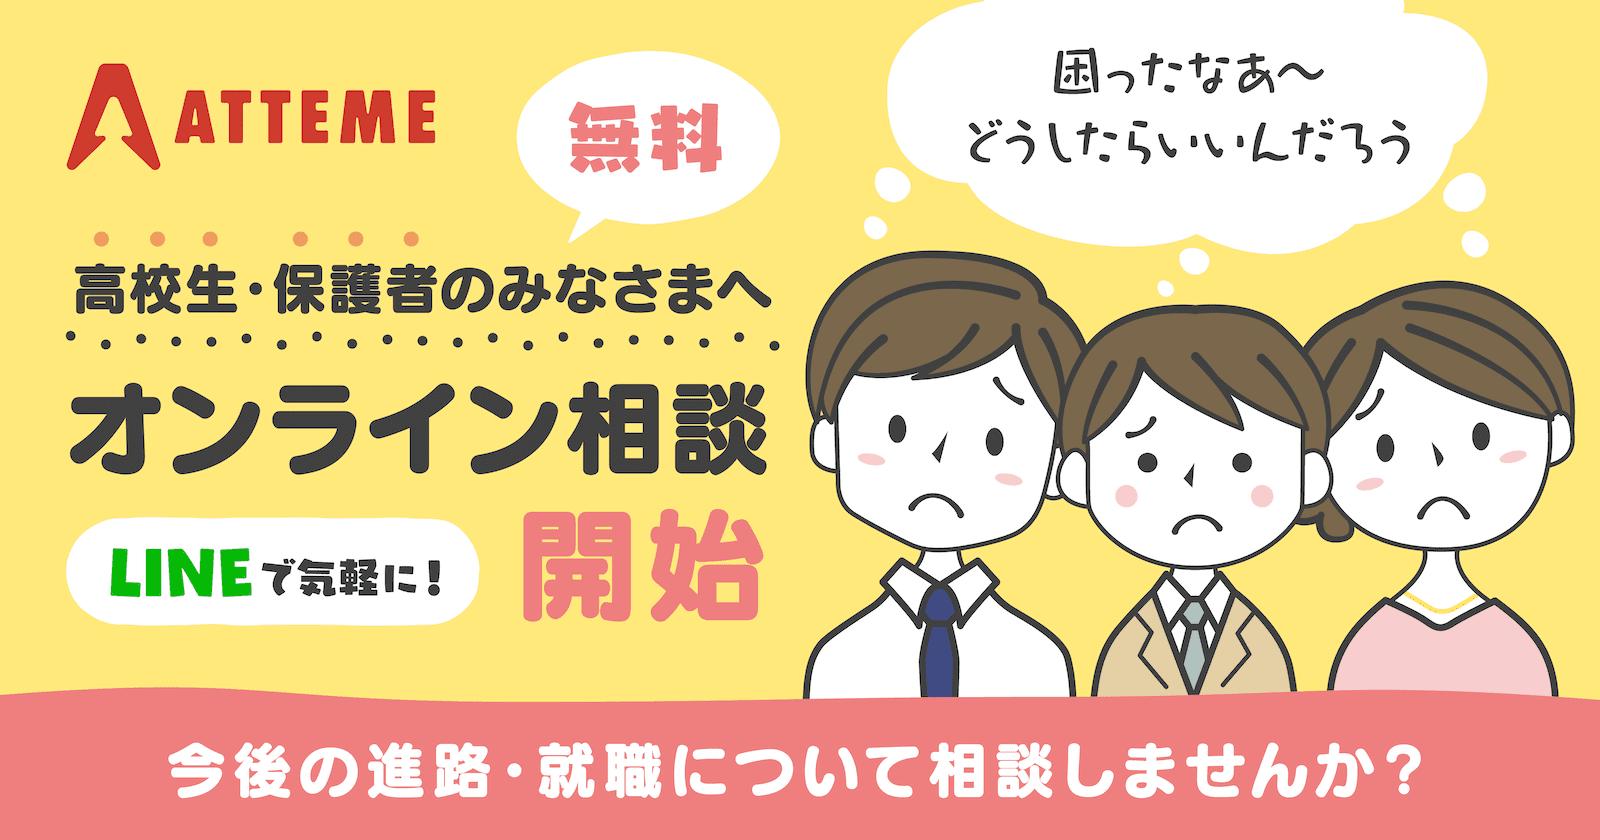 日本初!保護者向けLINE相談窓口をリリース/コロナによる休校措置延長・家計への影響を受けて